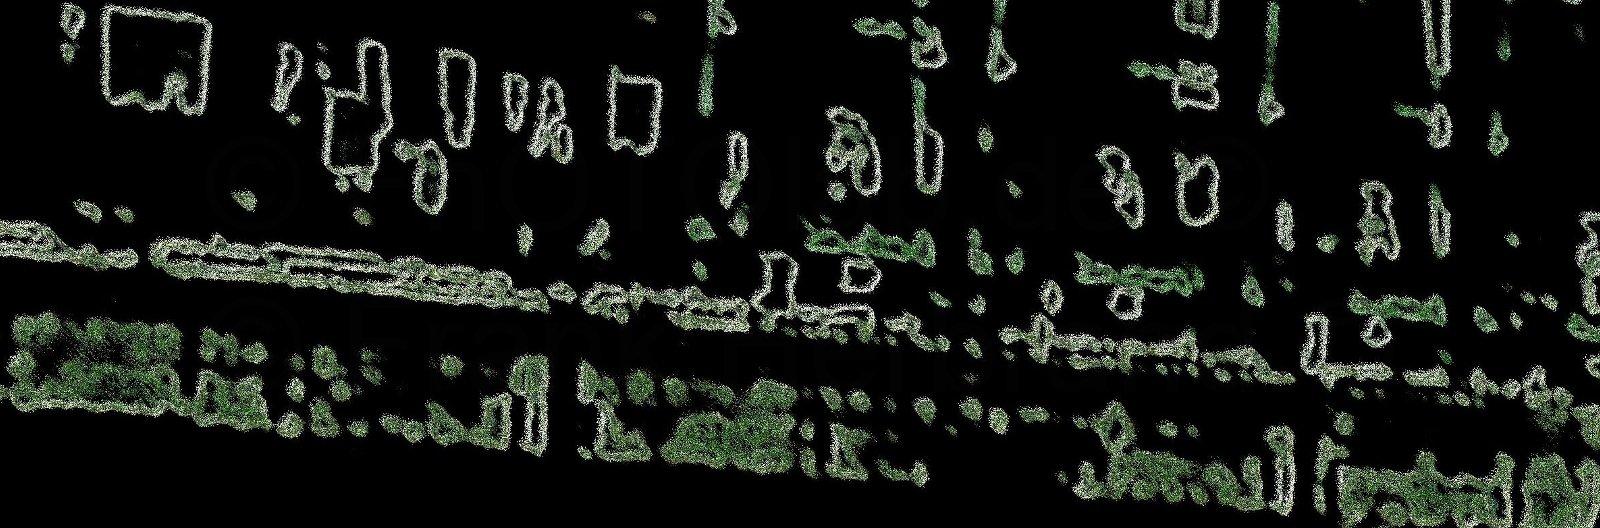 Auflösung I - Detail 1